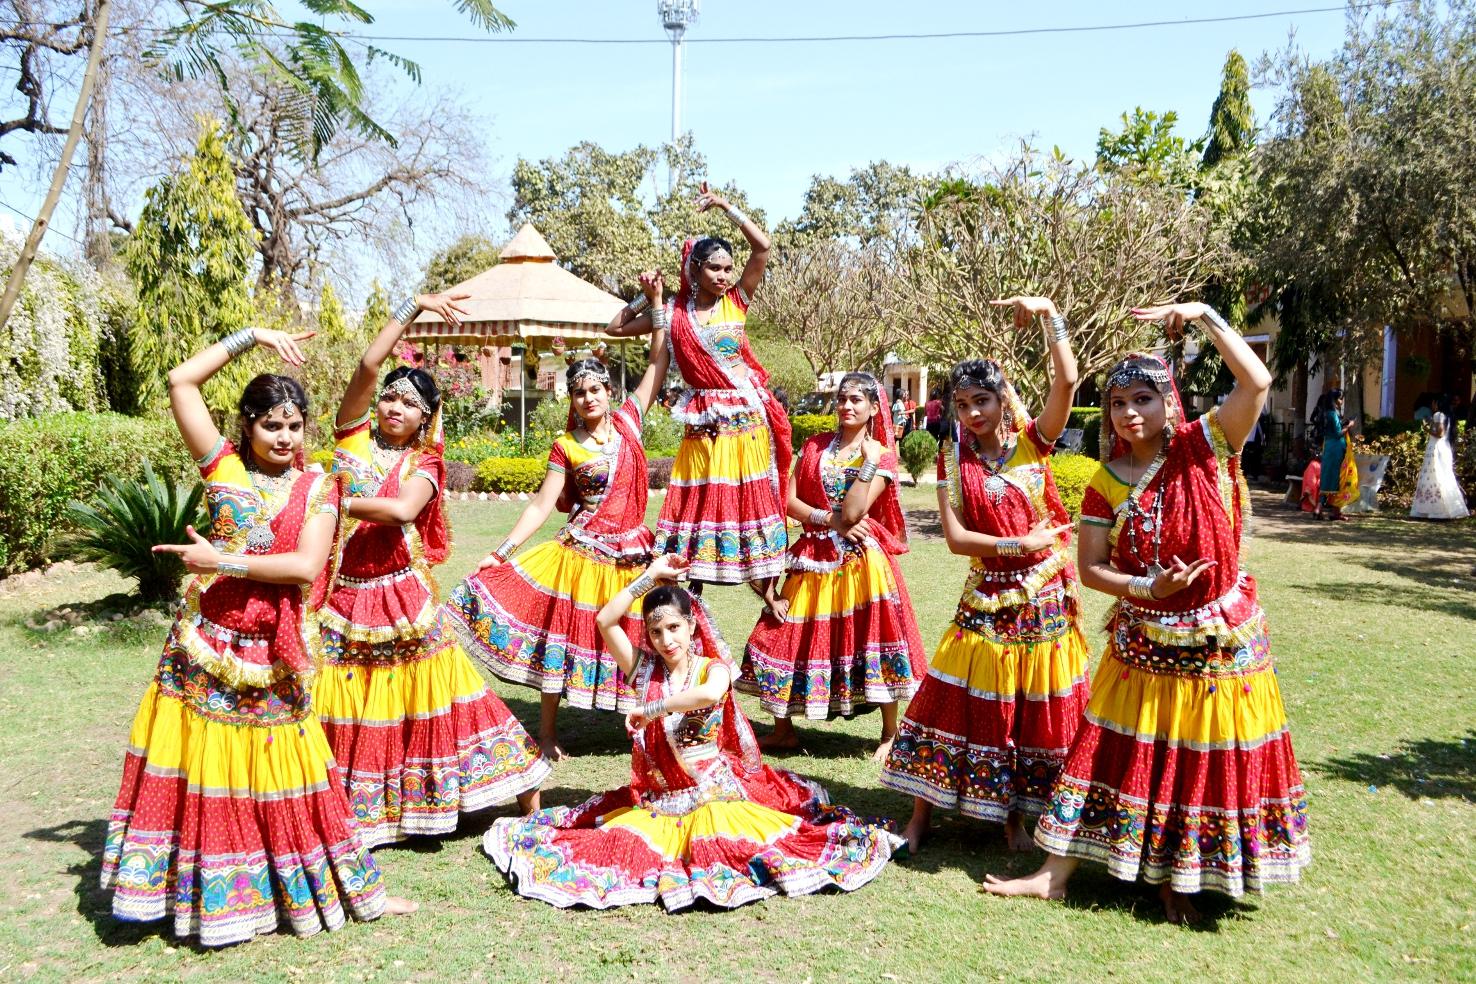 video मेहंदी, रांगोली, व्यंजन की खुशबू के साथ बिखरा संस्कृतिक का रंग